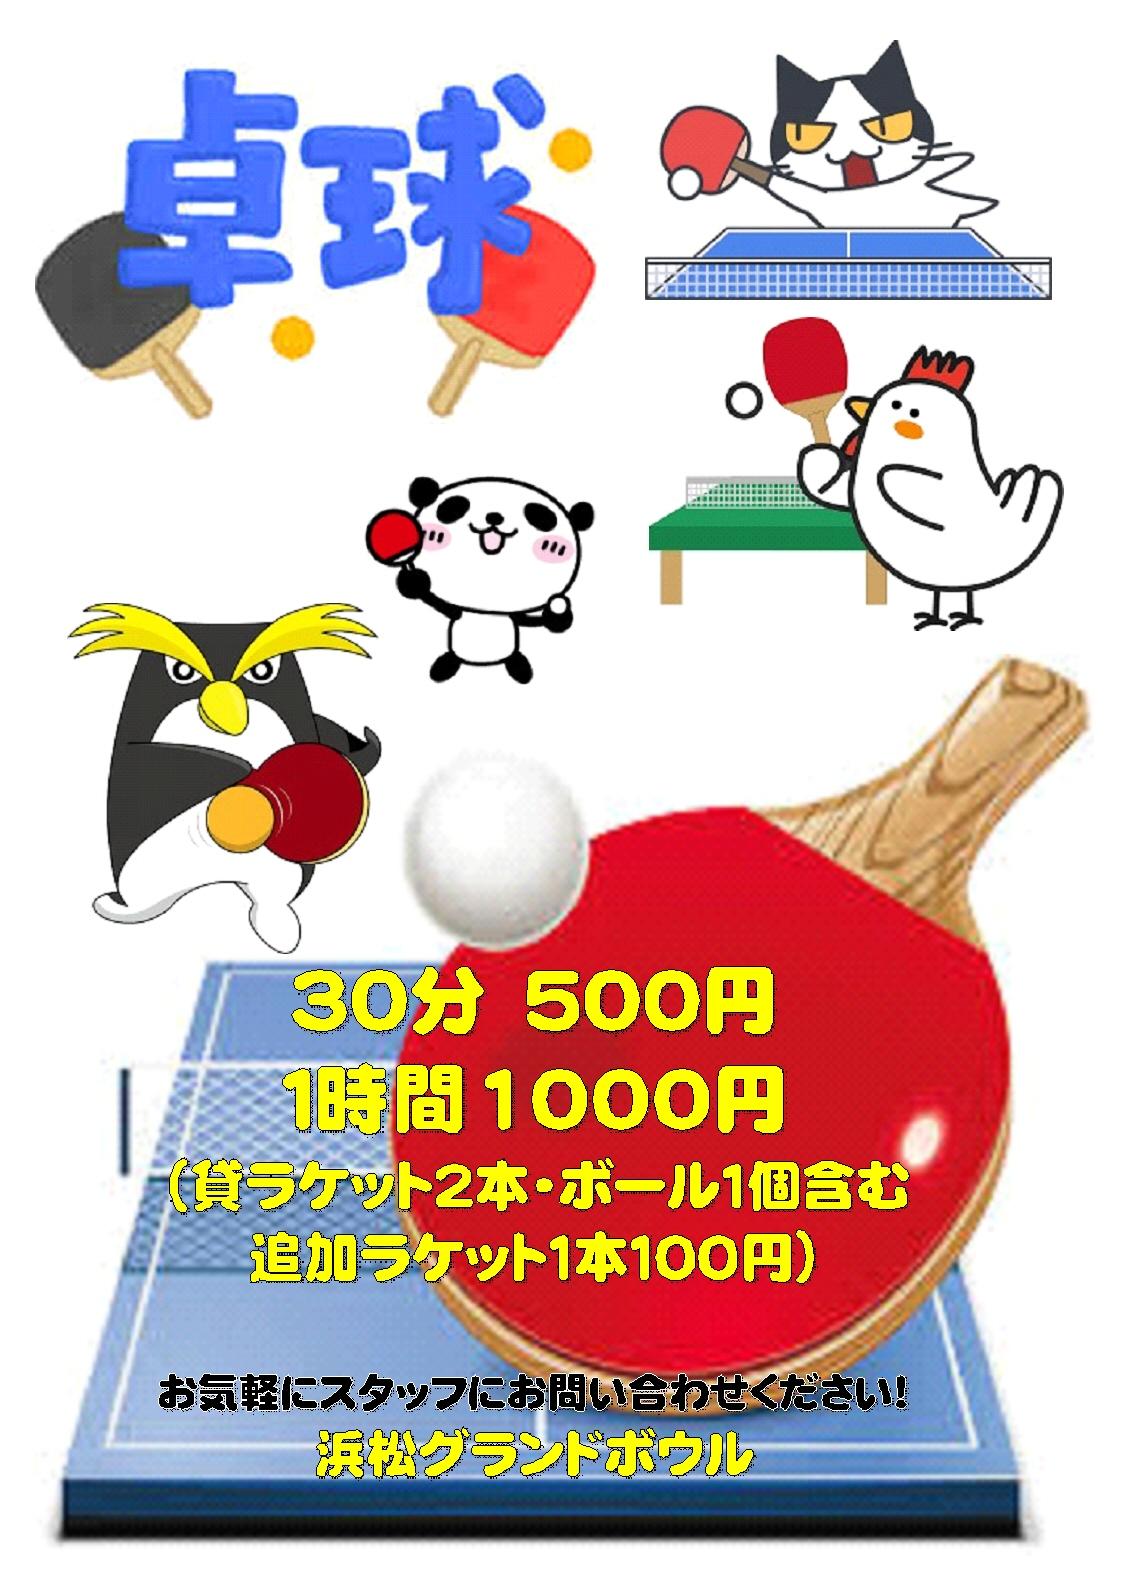 卓球HP用.jpg